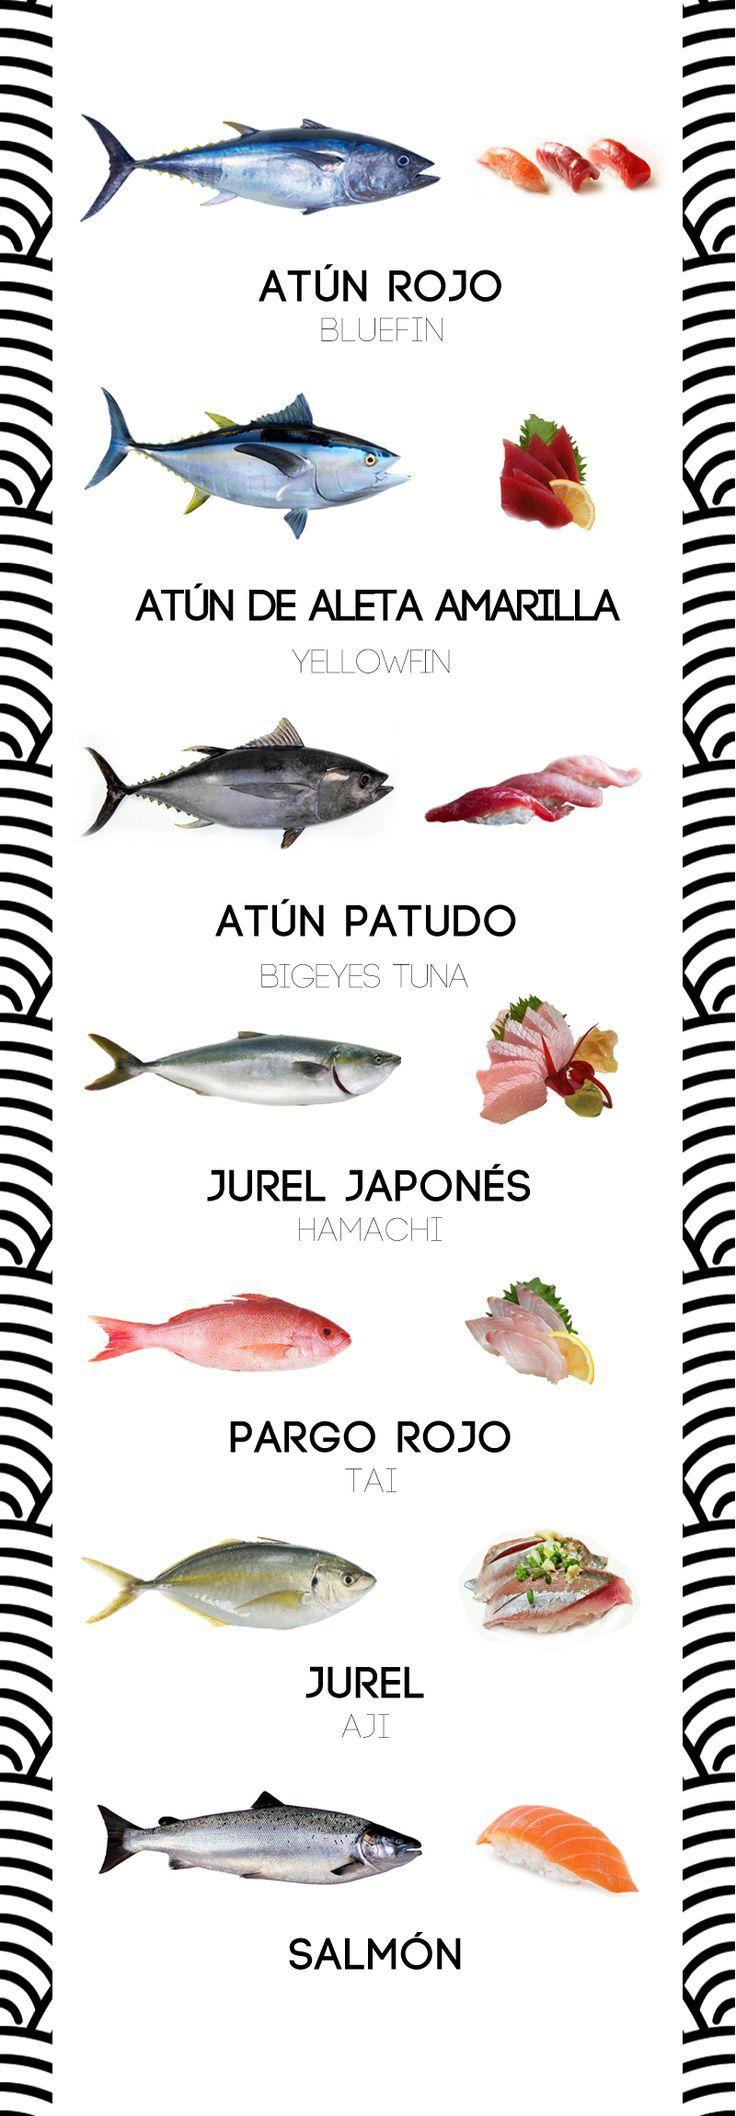 Aquí los siete pescados estrella en un bar de sushi: atún rojo, patudo, atún de aleta amarilla, pargo, jurel japonés, jurel y salmón. Estos son los siete peces más popular para sushi. El sushi requiere absolutamente el mejor pescado que se pueda conseguir. Cualquiera de los peces en esta li   https://lomejordelaweb.es/